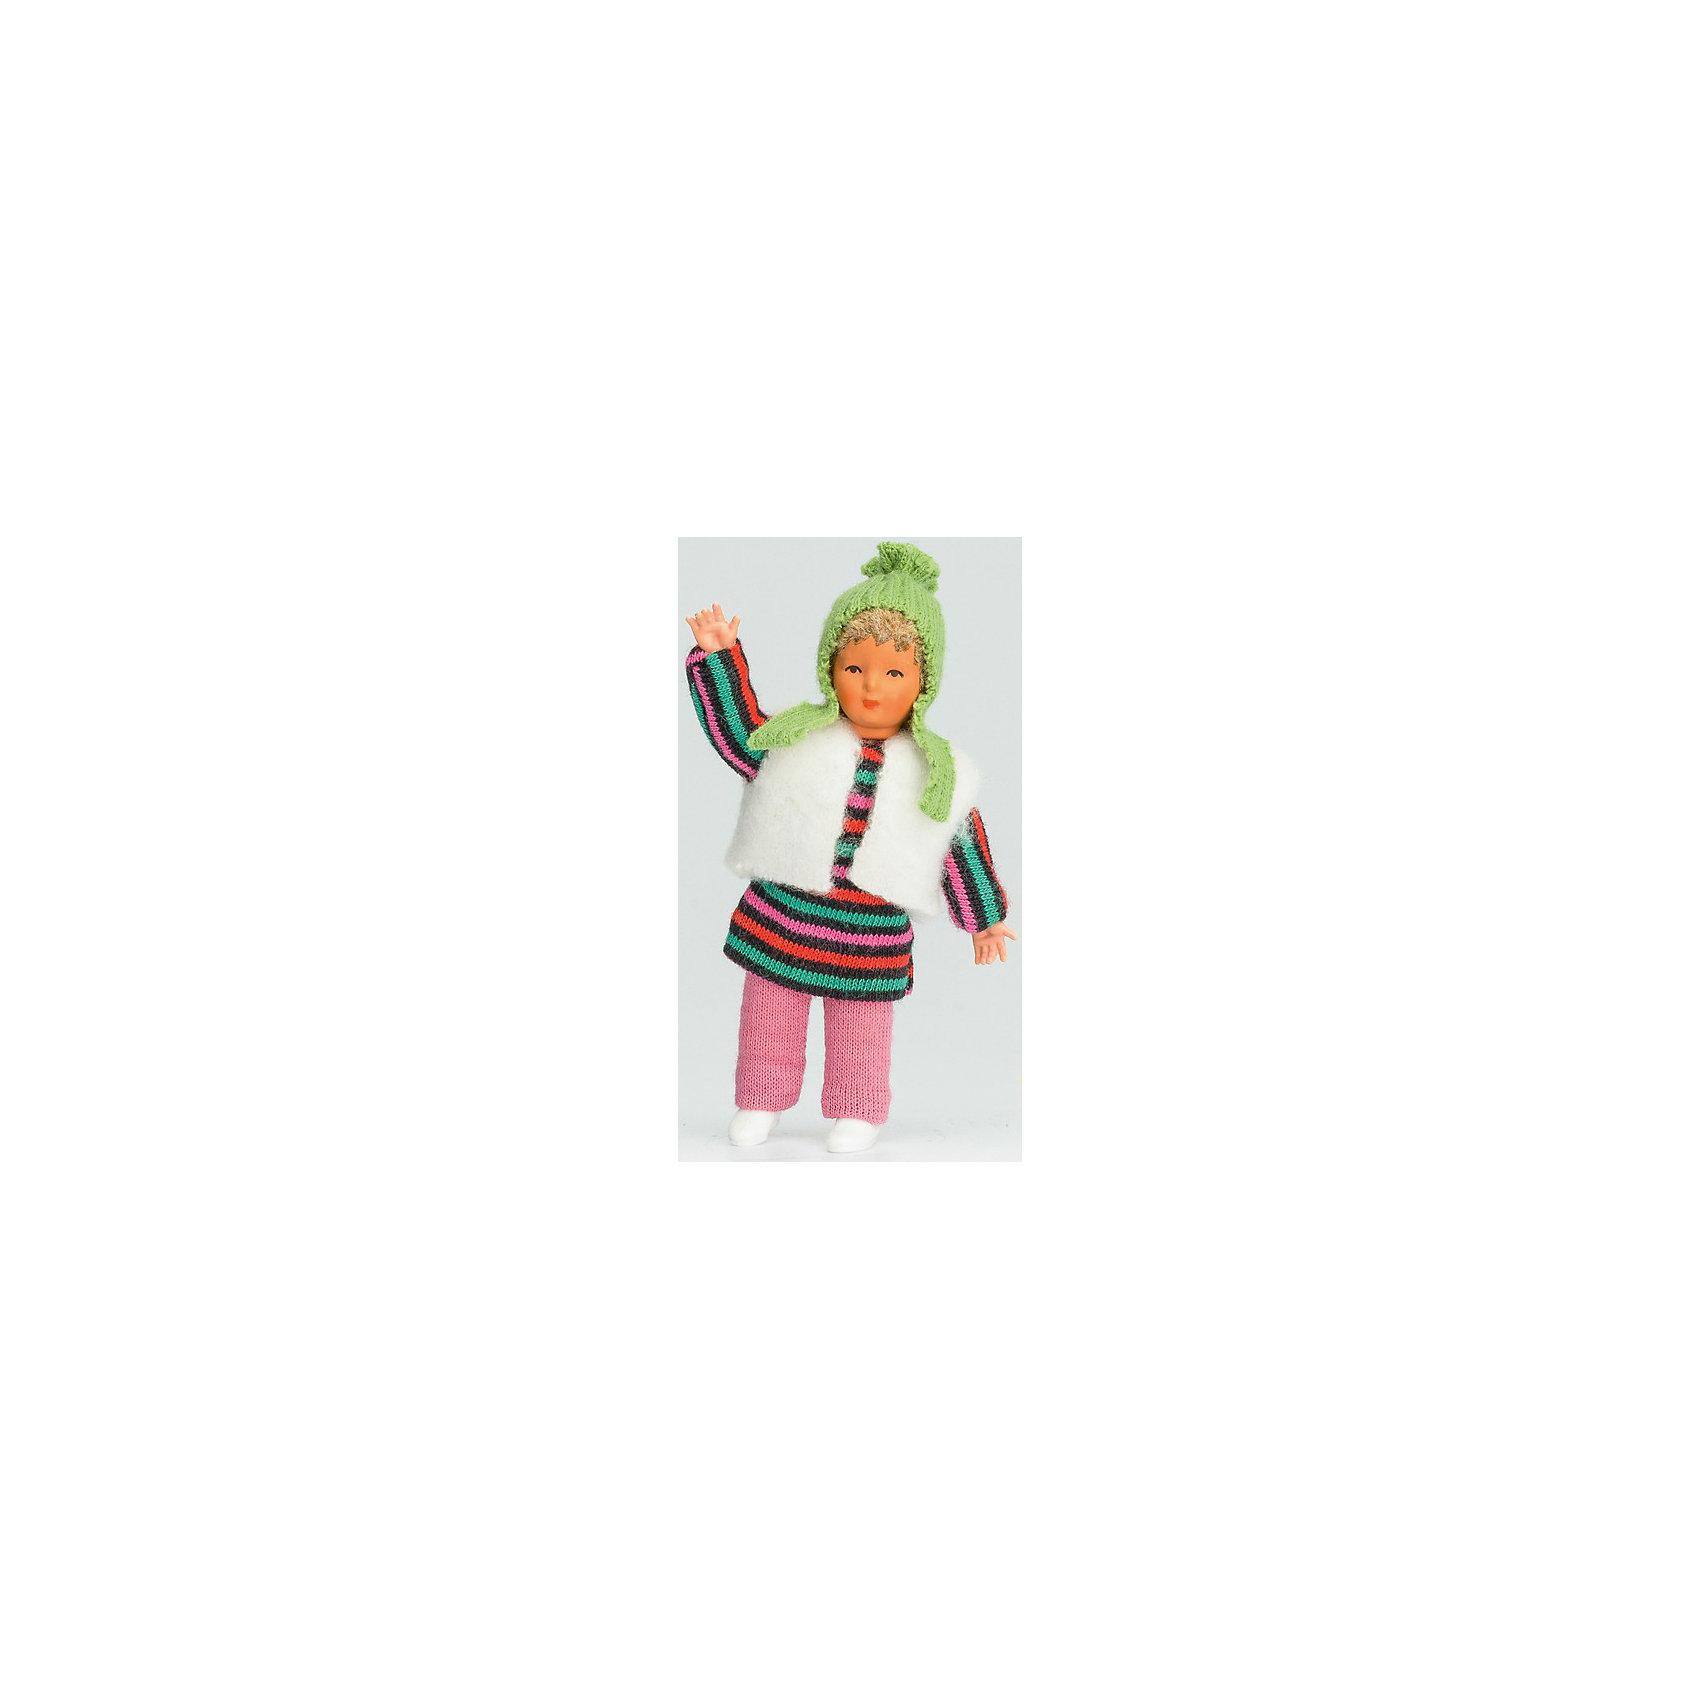 Мини-кукла Девочка в  полосатом платье, PUPSIQUEМини-кукла Девочка в  полосатом платье, PUPSIQUE – эта мини-кукла станет любимой подружкой вашей девочки и надолго займет ее внимание.<br>Миниатюрная куколка-пупс с детально прорисованными чертами лица и подвижными частями тела, выполненная вручную, специально создана для увлекательных игр и коллекционирования. Кукла одета в оригинальную дизайнерскую одежду: полосатое платье, белую жилетку, розовые штанишки и зеленую шапочку. Лицо куклы расписано вручную. Игрушка создана на старейшей фабрике в Германии из высококачественного гипоаллергенного материала. Маленький размер куклы позволяет играть в абсолютно любом месте, ее удобно брать с собой на занятия или весело проводить время в дороге во время путешествий. Для создания увлекательных игровых сцен с миниатюрной куколкой можно дополнять игру различными аксессуарами и новой одеждой.<br><br>Дополнительная информация:<br><br>- Высота куклы: 7 см.<br>- Материал: винил, текстиль<br>- Размер упаковки: 4 х 21 х 5 см.<br>- Вес: 400 гр.<br><br>Мини-куклу Девочка в  полосатом платье, PUPSIQUE можно купить в нашем интернет-магазине.<br><br>Ширина мм: 40<br>Глубина мм: 210<br>Высота мм: 50<br>Вес г: 400<br>Возраст от месяцев: 36<br>Возраст до месяцев: 192<br>Пол: Женский<br>Возраст: Детский<br>SKU: 4344920